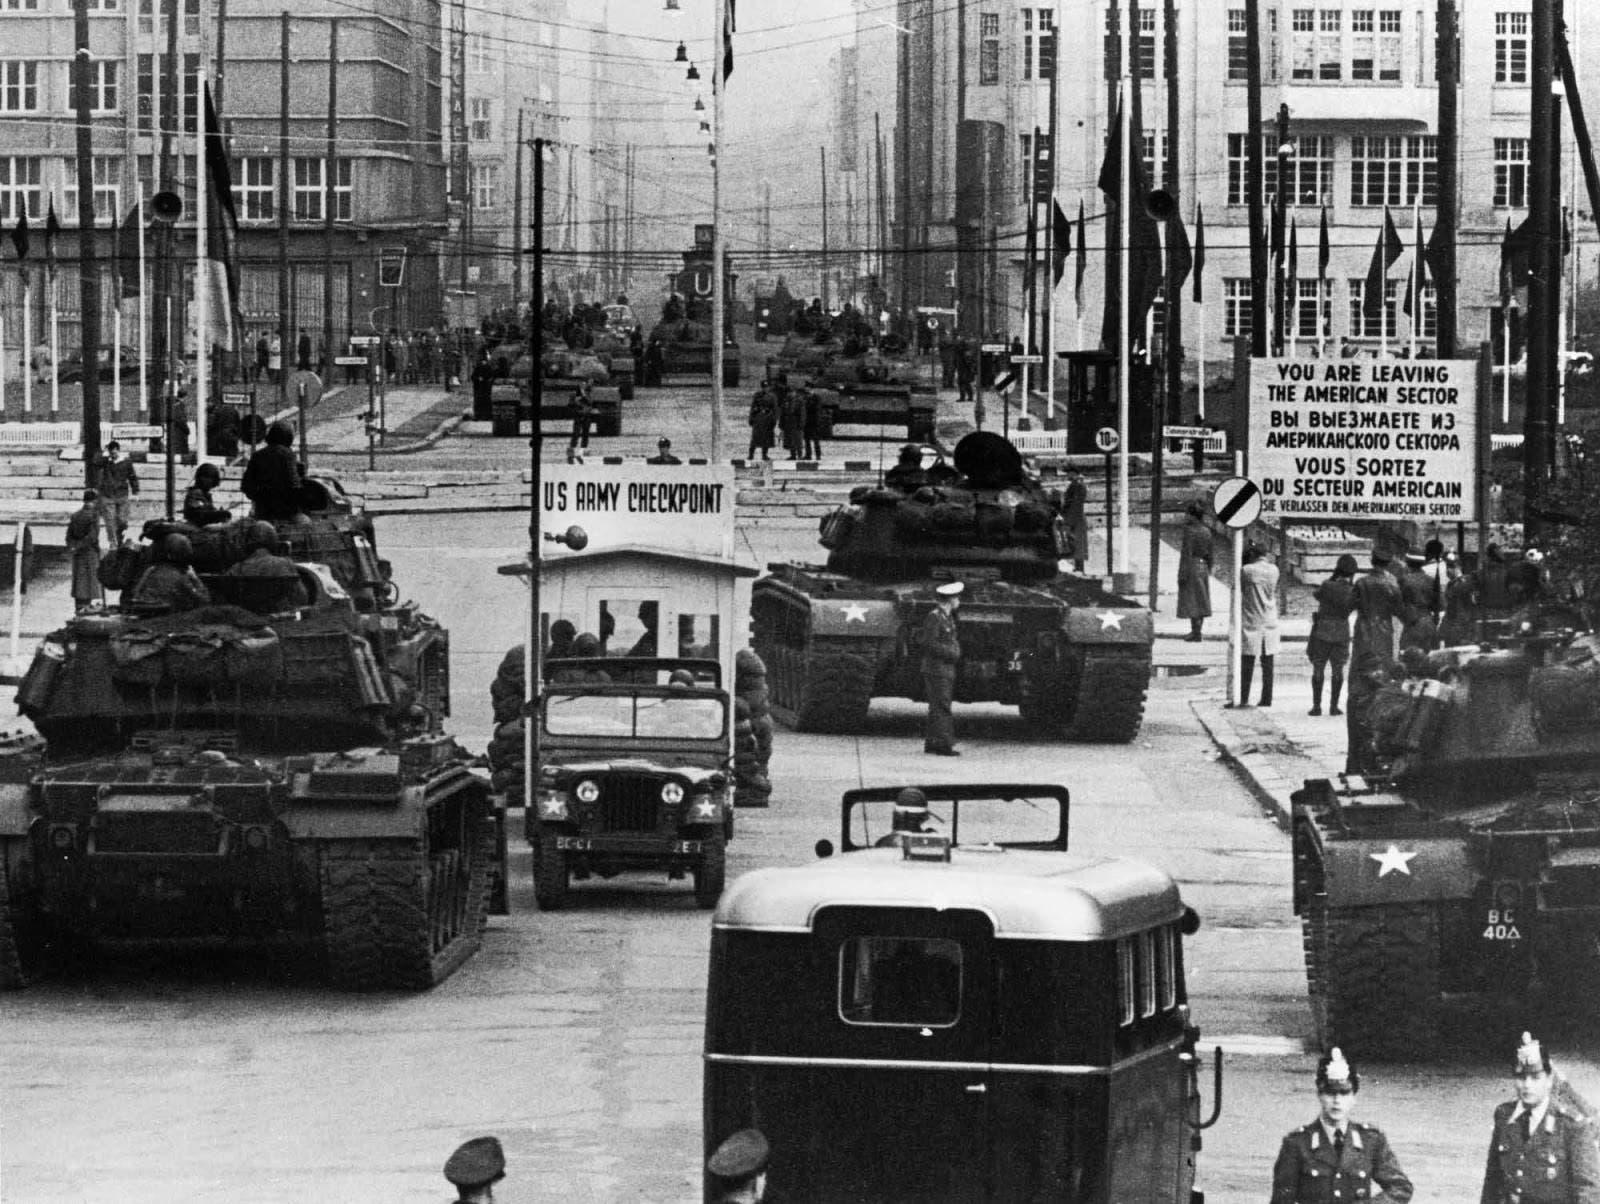 صورة للدبابات الأميركية قبالة نظيرتها السوفيتية في خضم أزمة نقطة التفتيش تشارلي